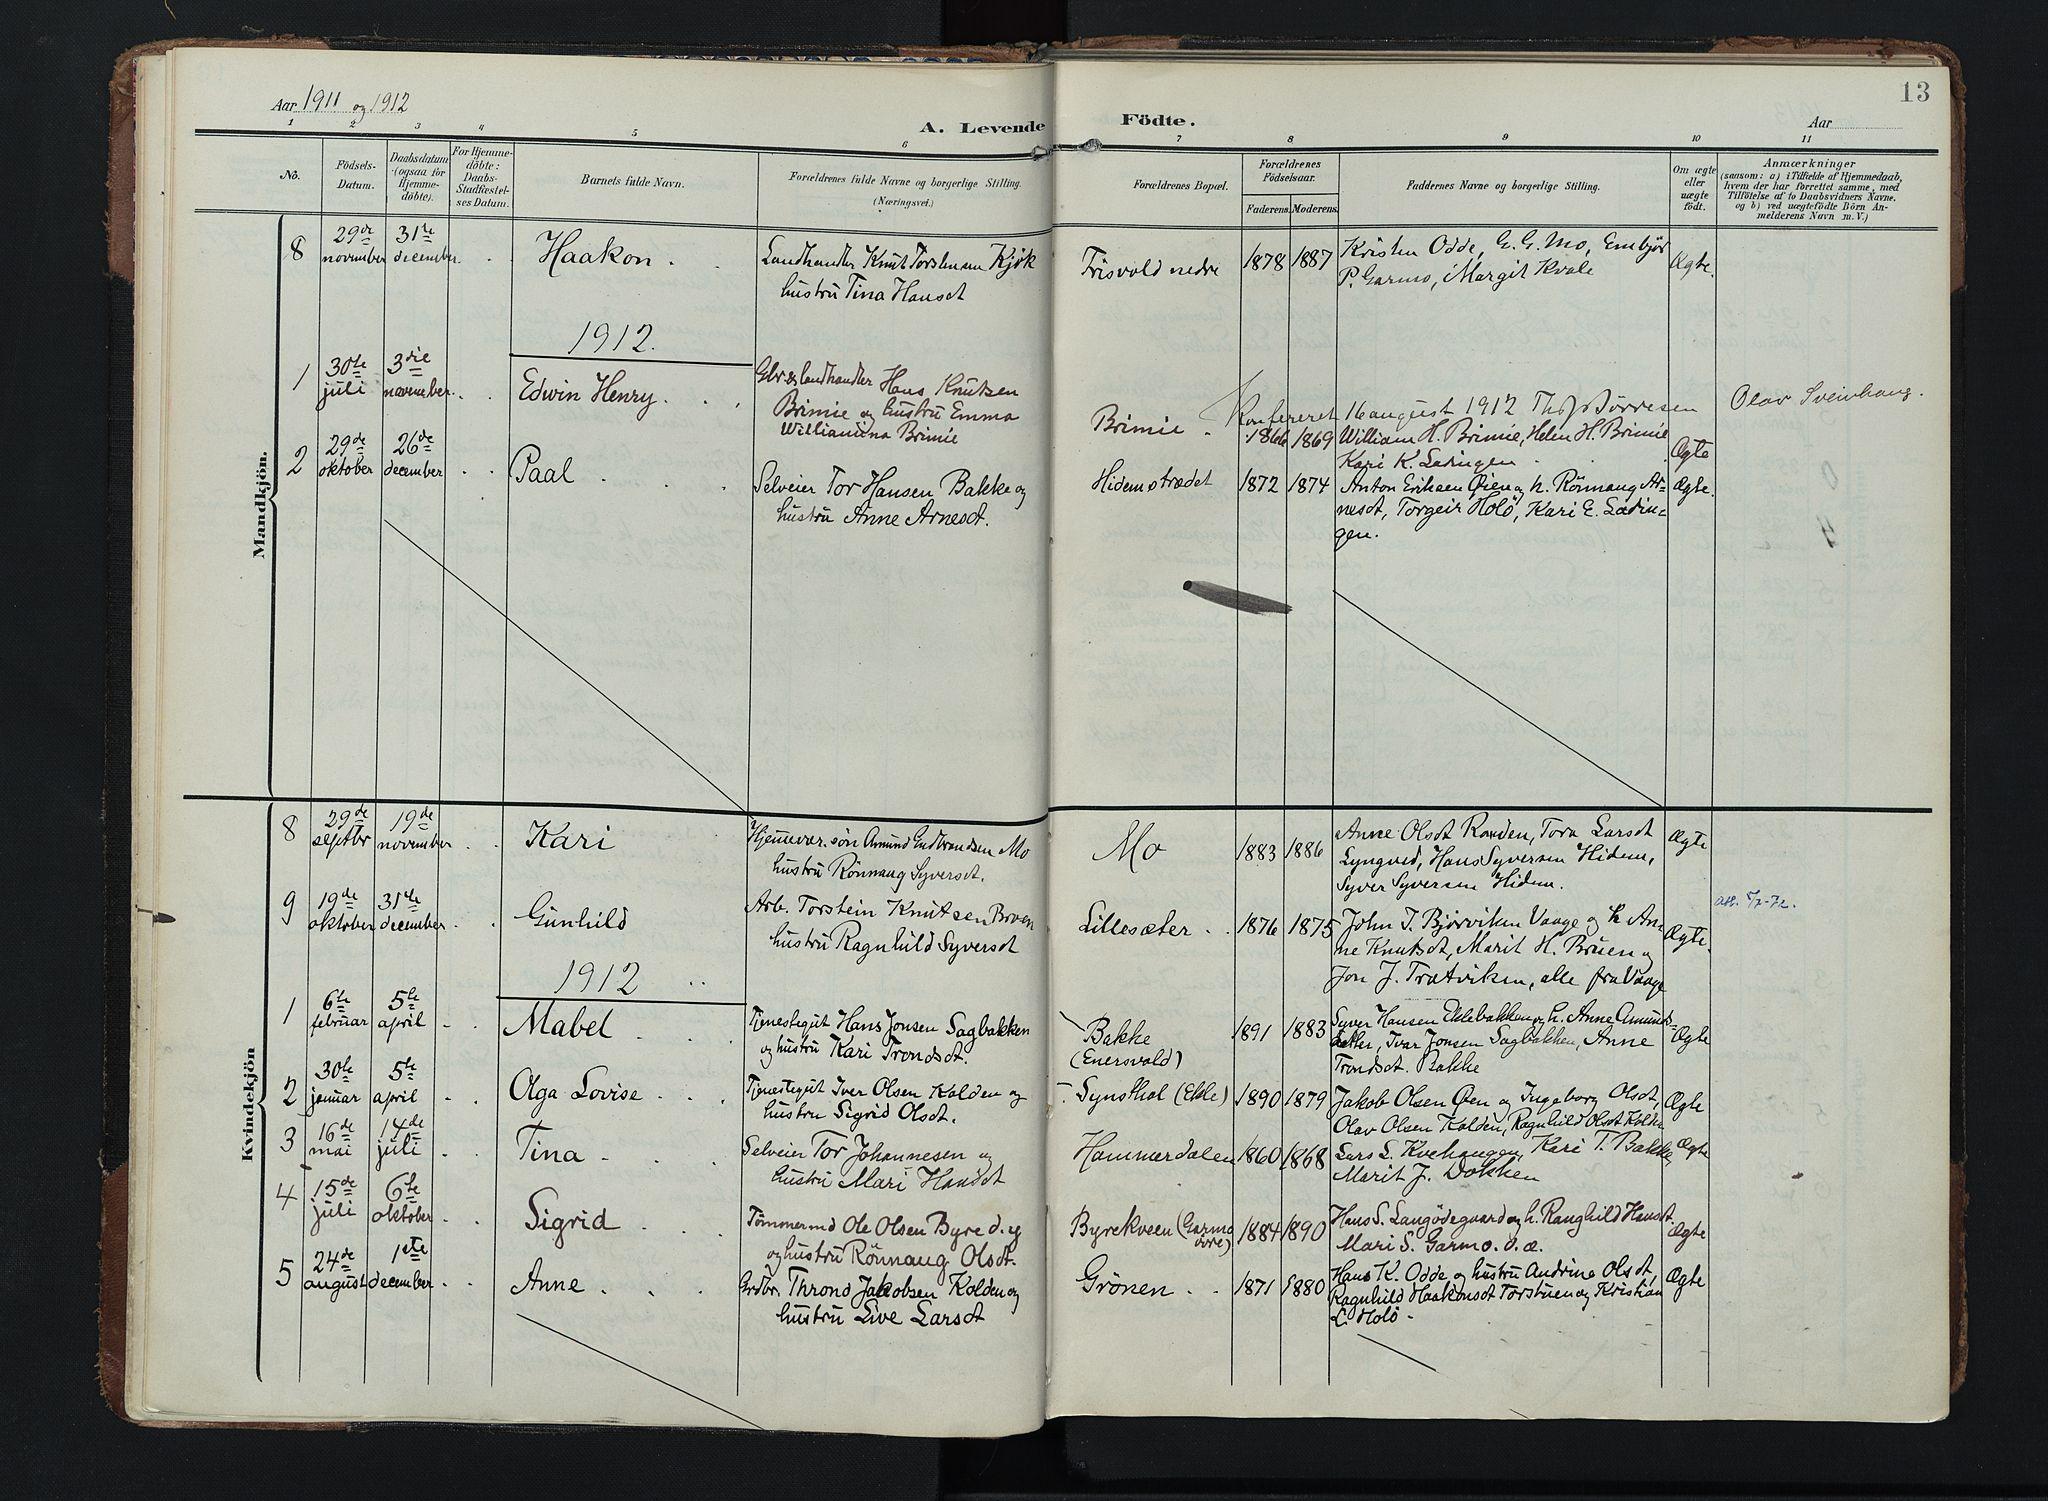 SAH, Lom prestekontor, K/L0011: Ministerialbok nr. 11, 1904-1928, s. 13